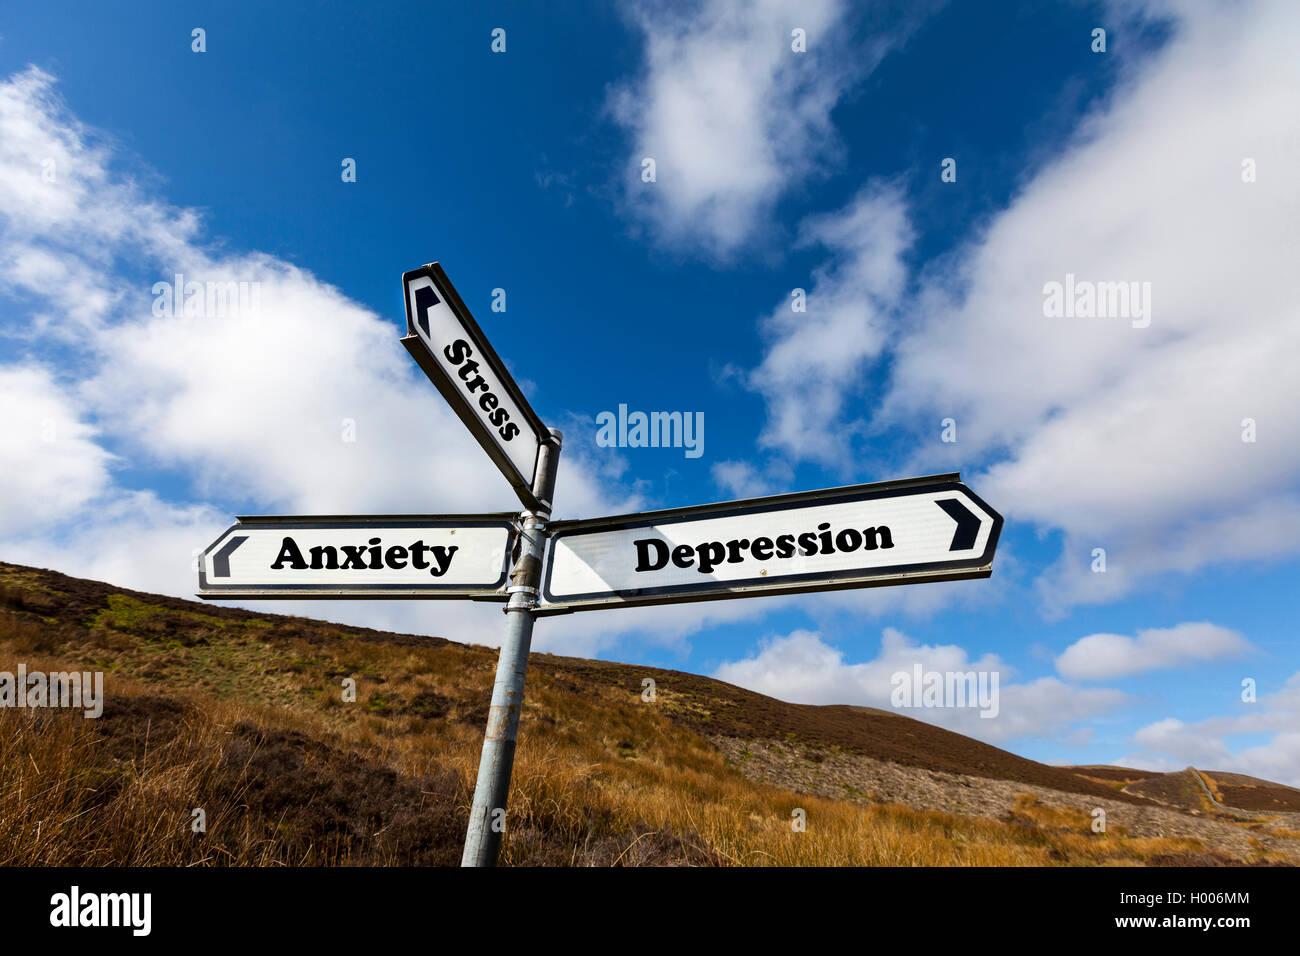 Depresión ansiedad estrés problema problemas de salud mental concepto cartel elección elegir la vida Imagen De Stock